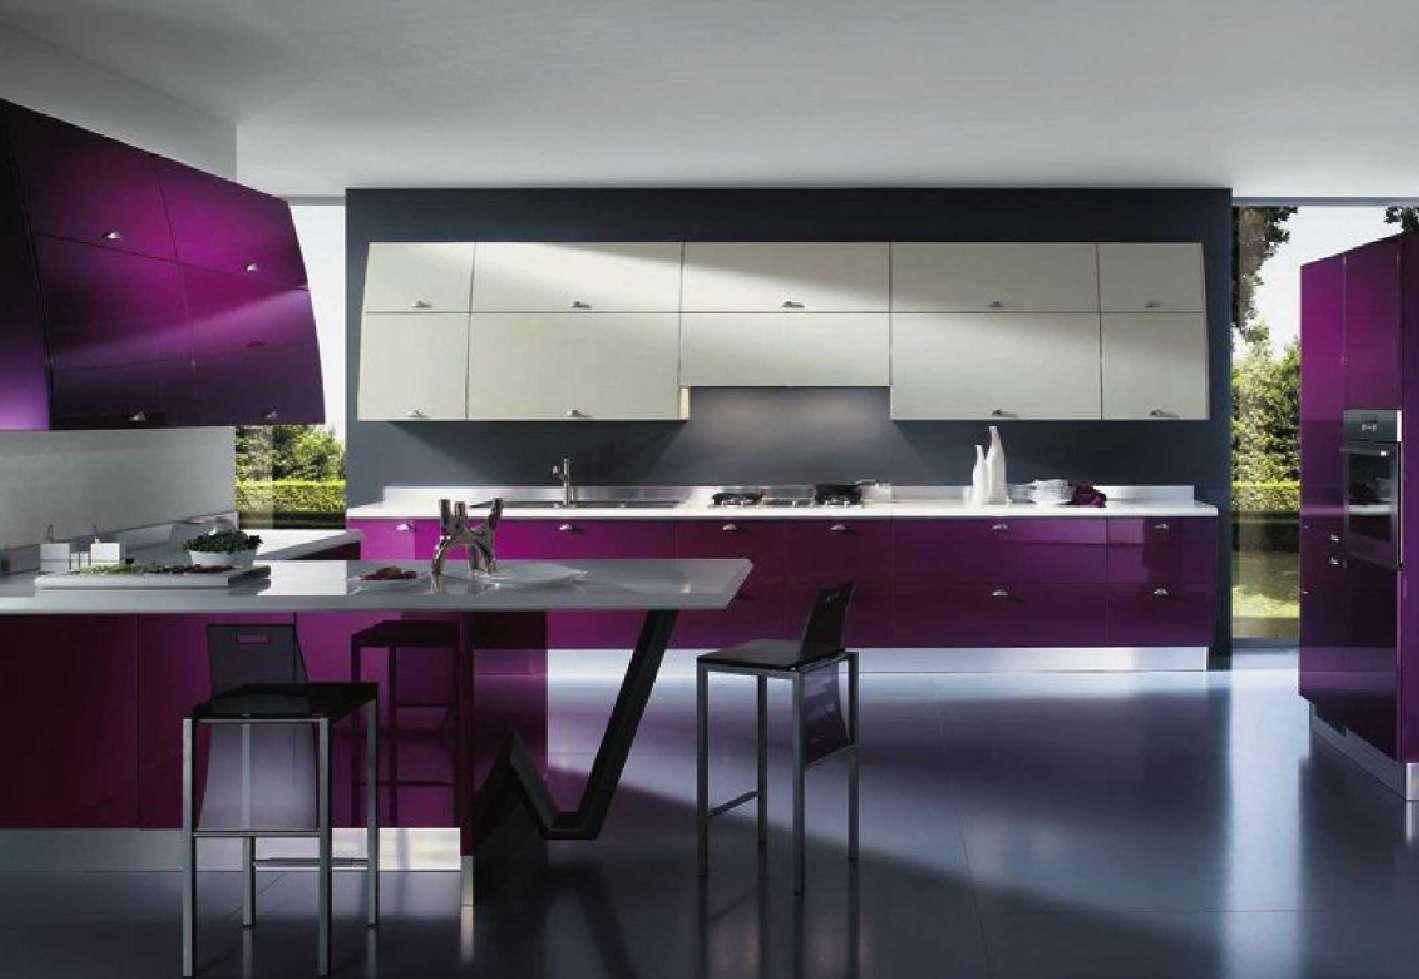 новым все какие кухонные гарнитуры сейчас в моде фото окраске